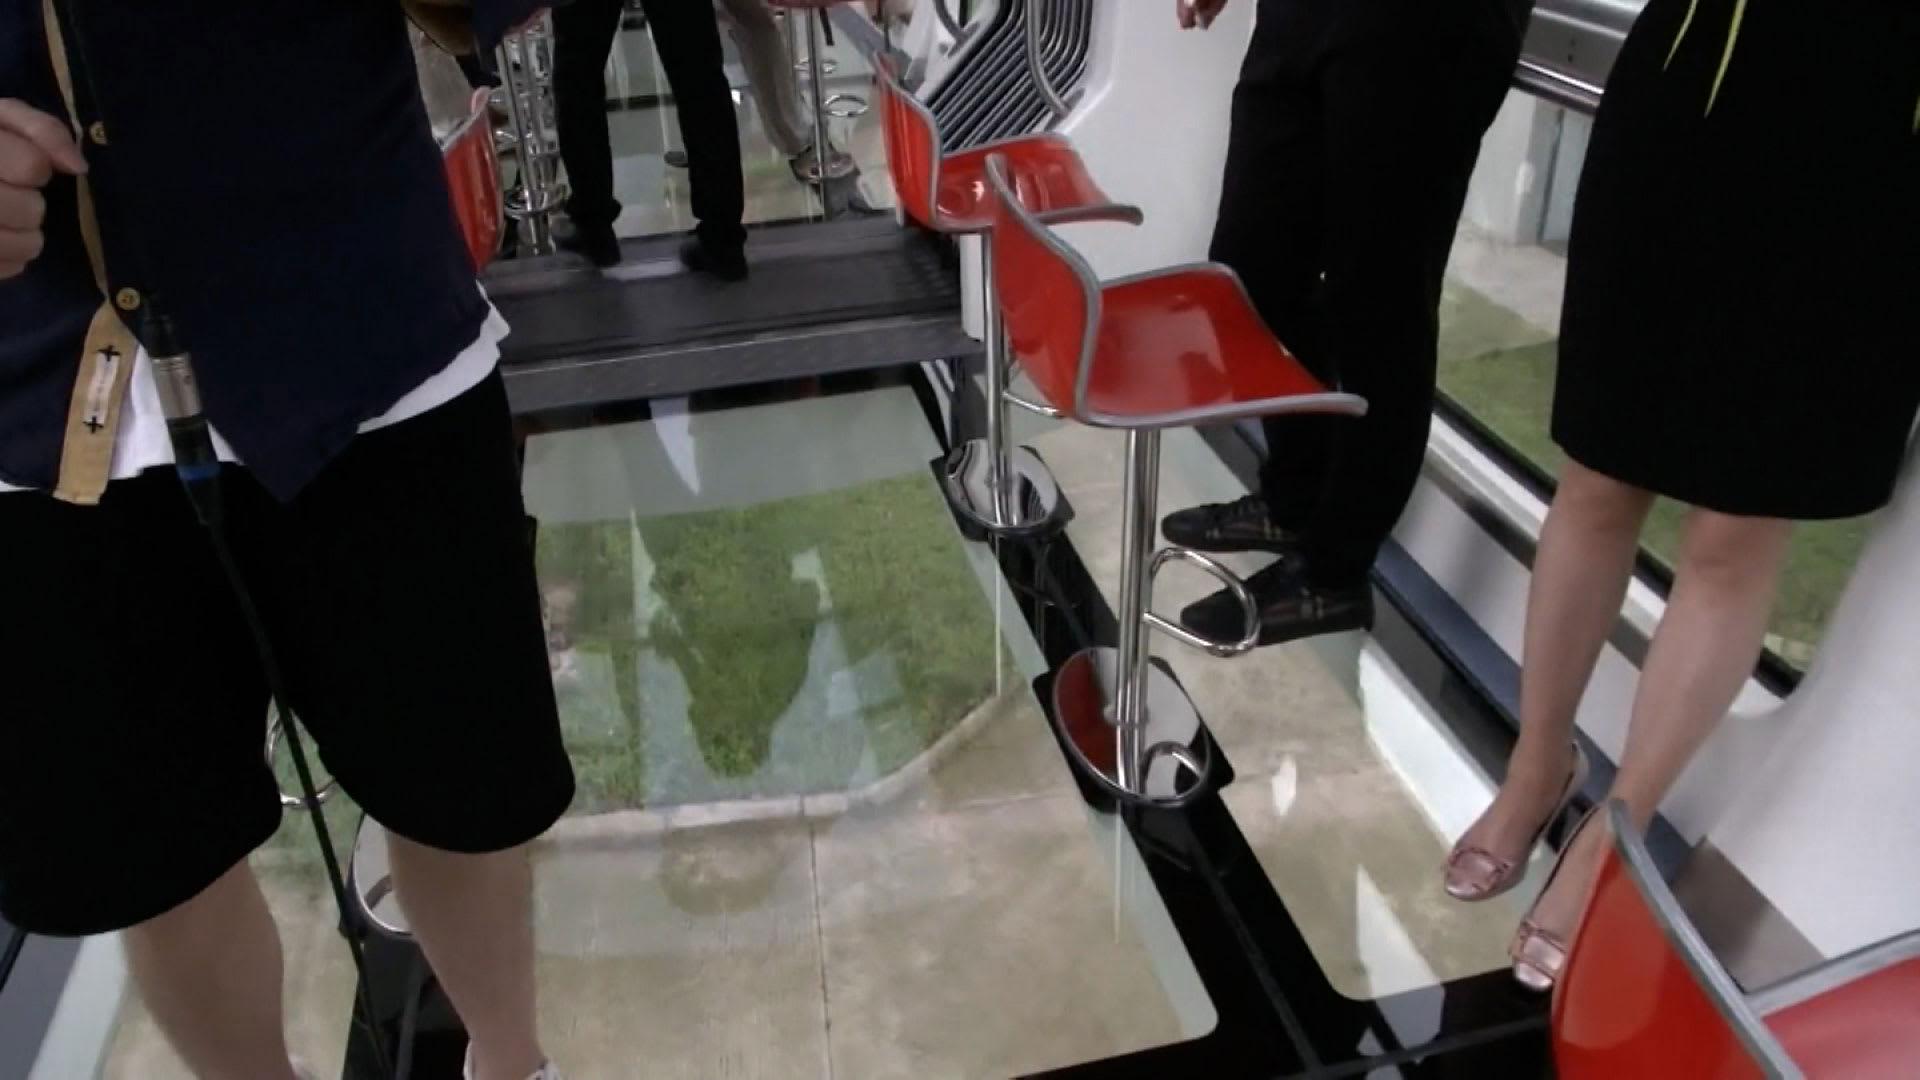 """هل تود رؤية ما تحت قدميك؟ إطلاق """"قطار باندا"""" معلق بأرضية زجاجية في الصين"""